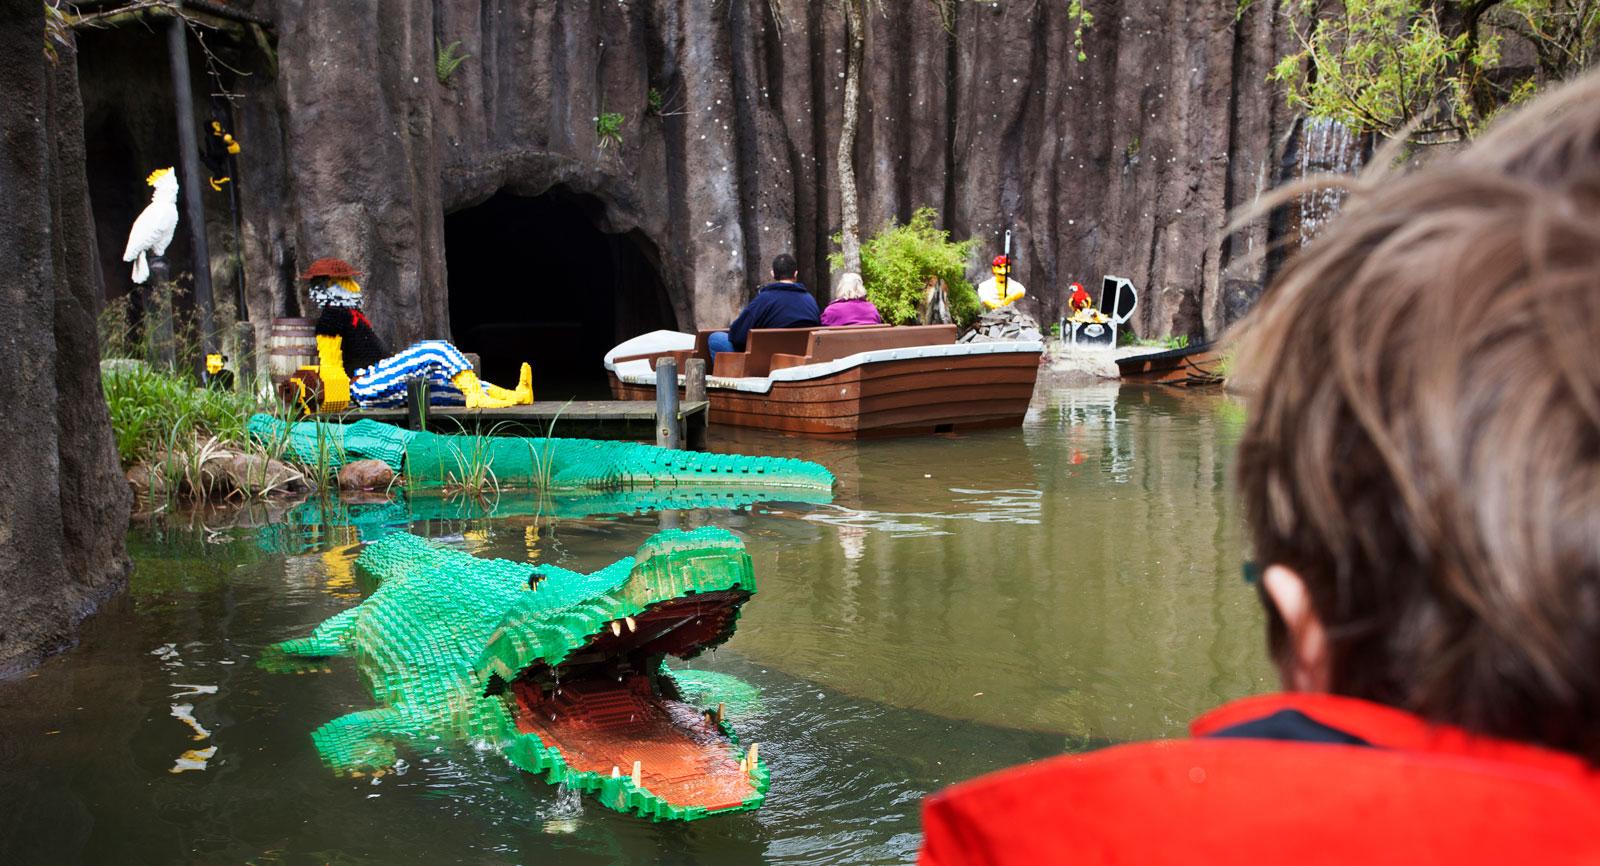 Akta dig för krokodilen! En fascinerande båttur med pirater och monster av lego som väntar i vattnet.